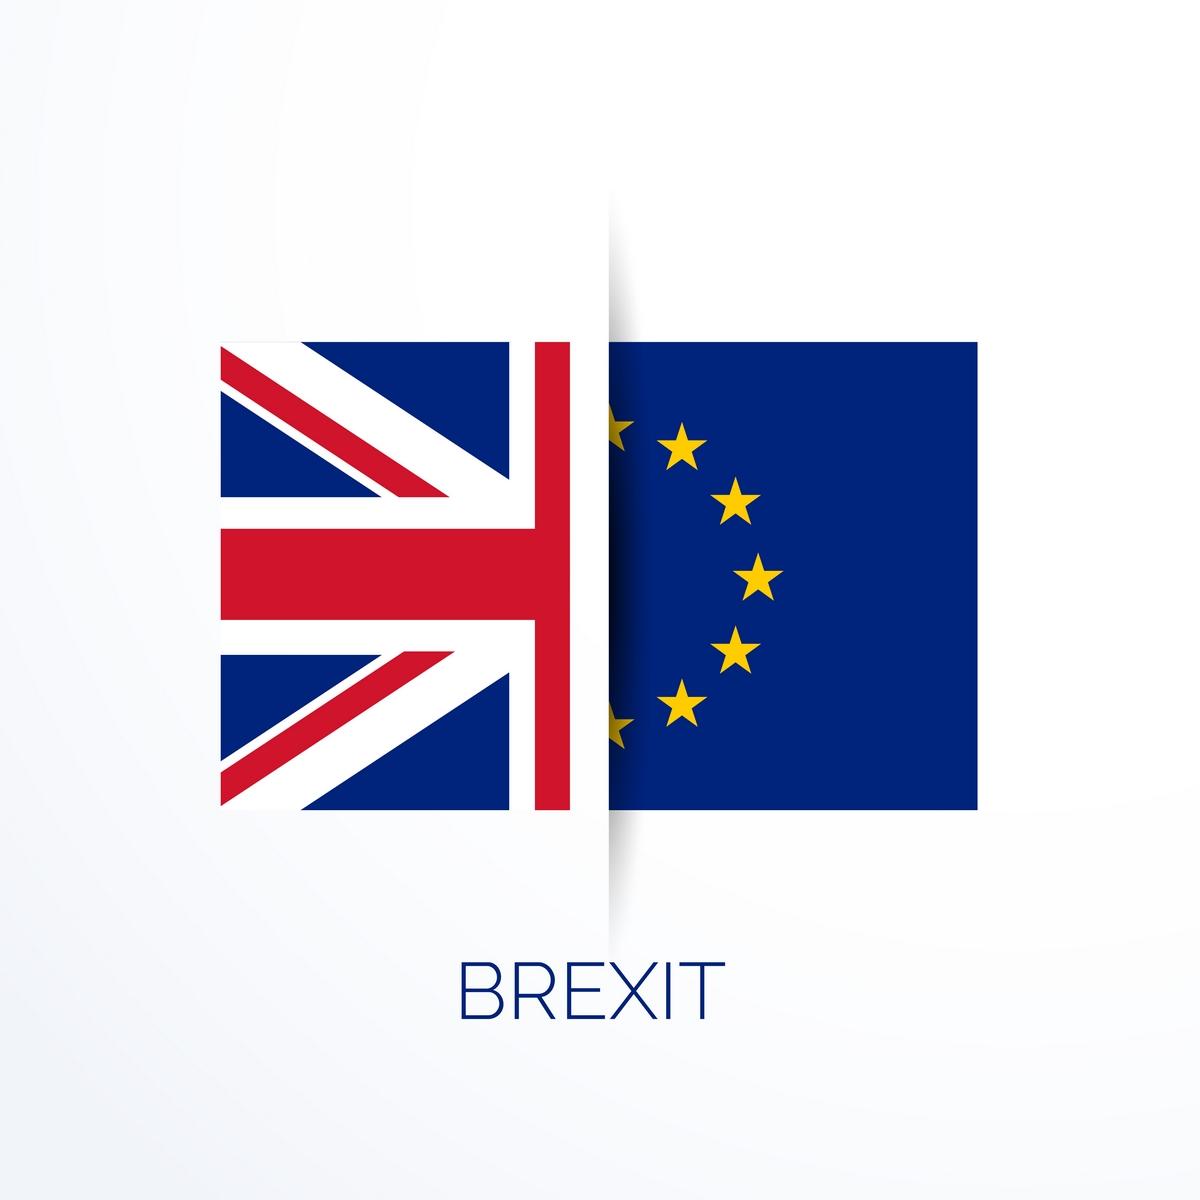 brexitin-lojistik-sureclere-etkisi-nasil-olacak